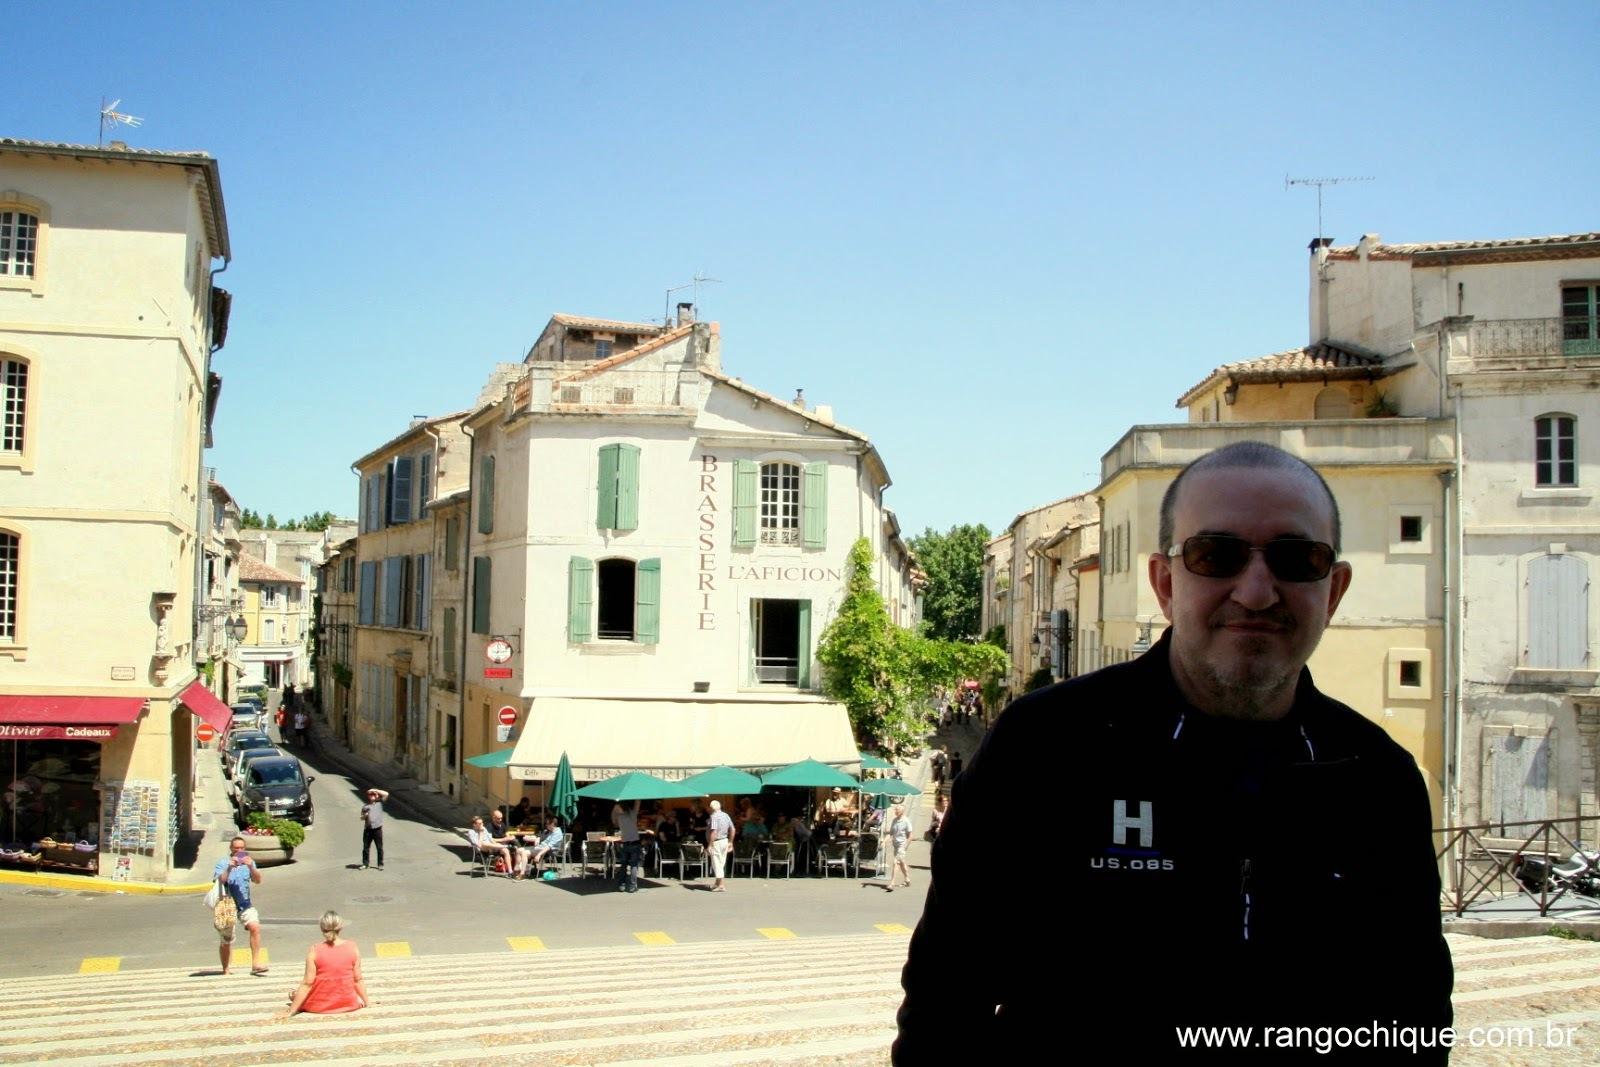 Provença na França (Arles - Marselha - Cheteauneuf-du-Pape - Avignon - Saint-Remy-de-Provence - Les-Baux-de-Provence)